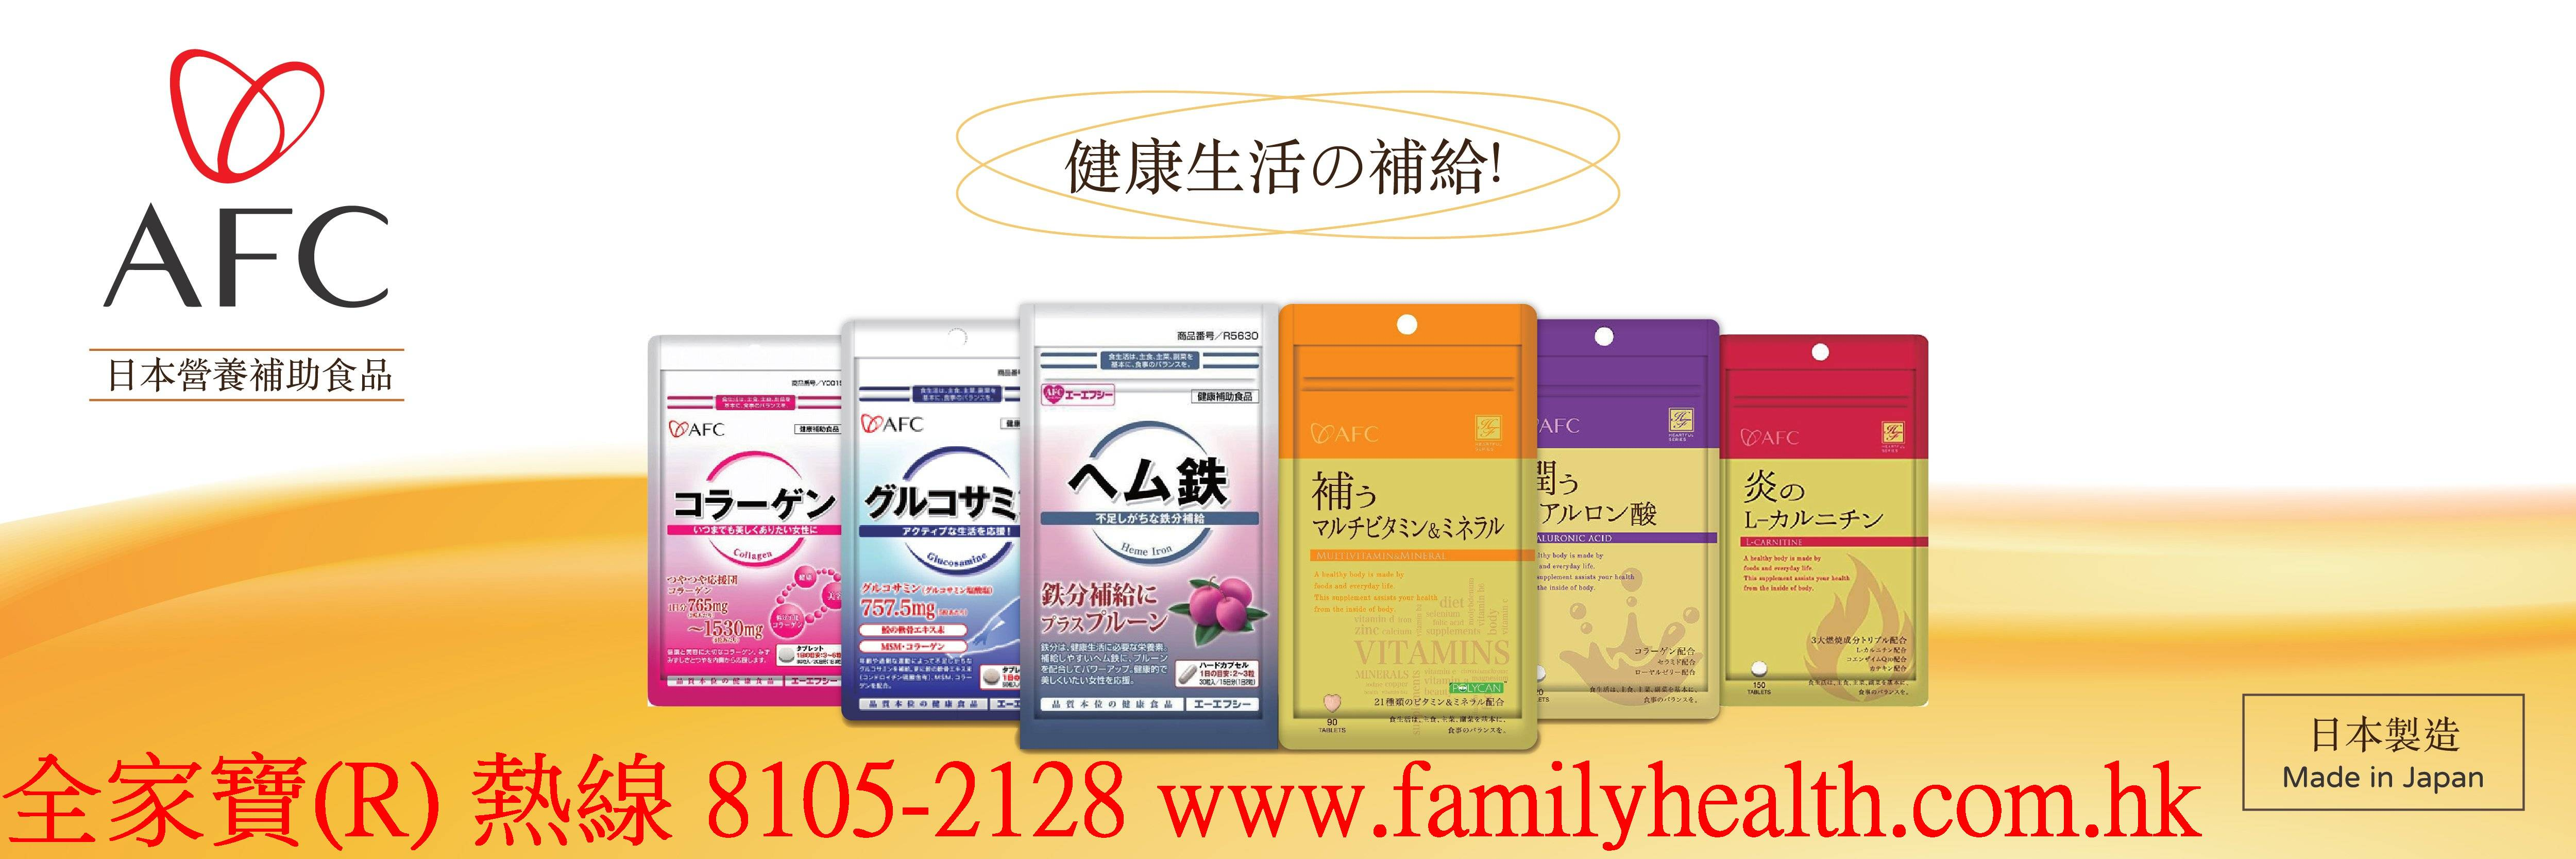 http://www.familyhealth.com.hk/files/full/1236_4.jpg